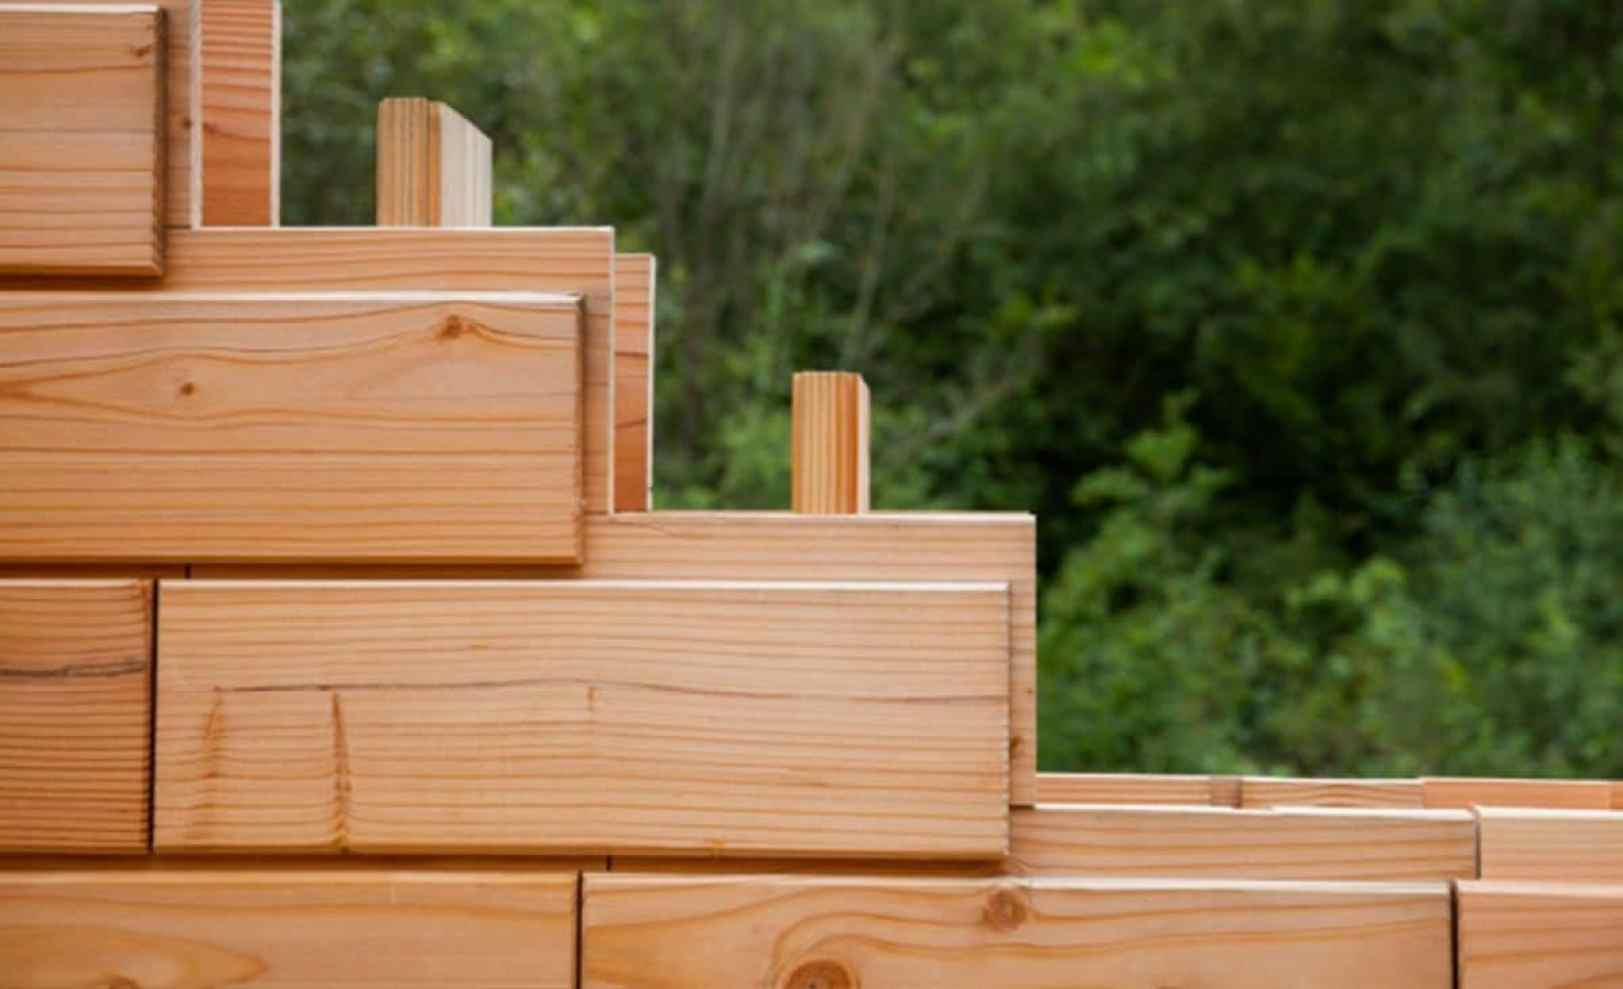 Brikawood las casas de ladrillos de madera tipo lego que - Casas para belenes hechas a mano ...